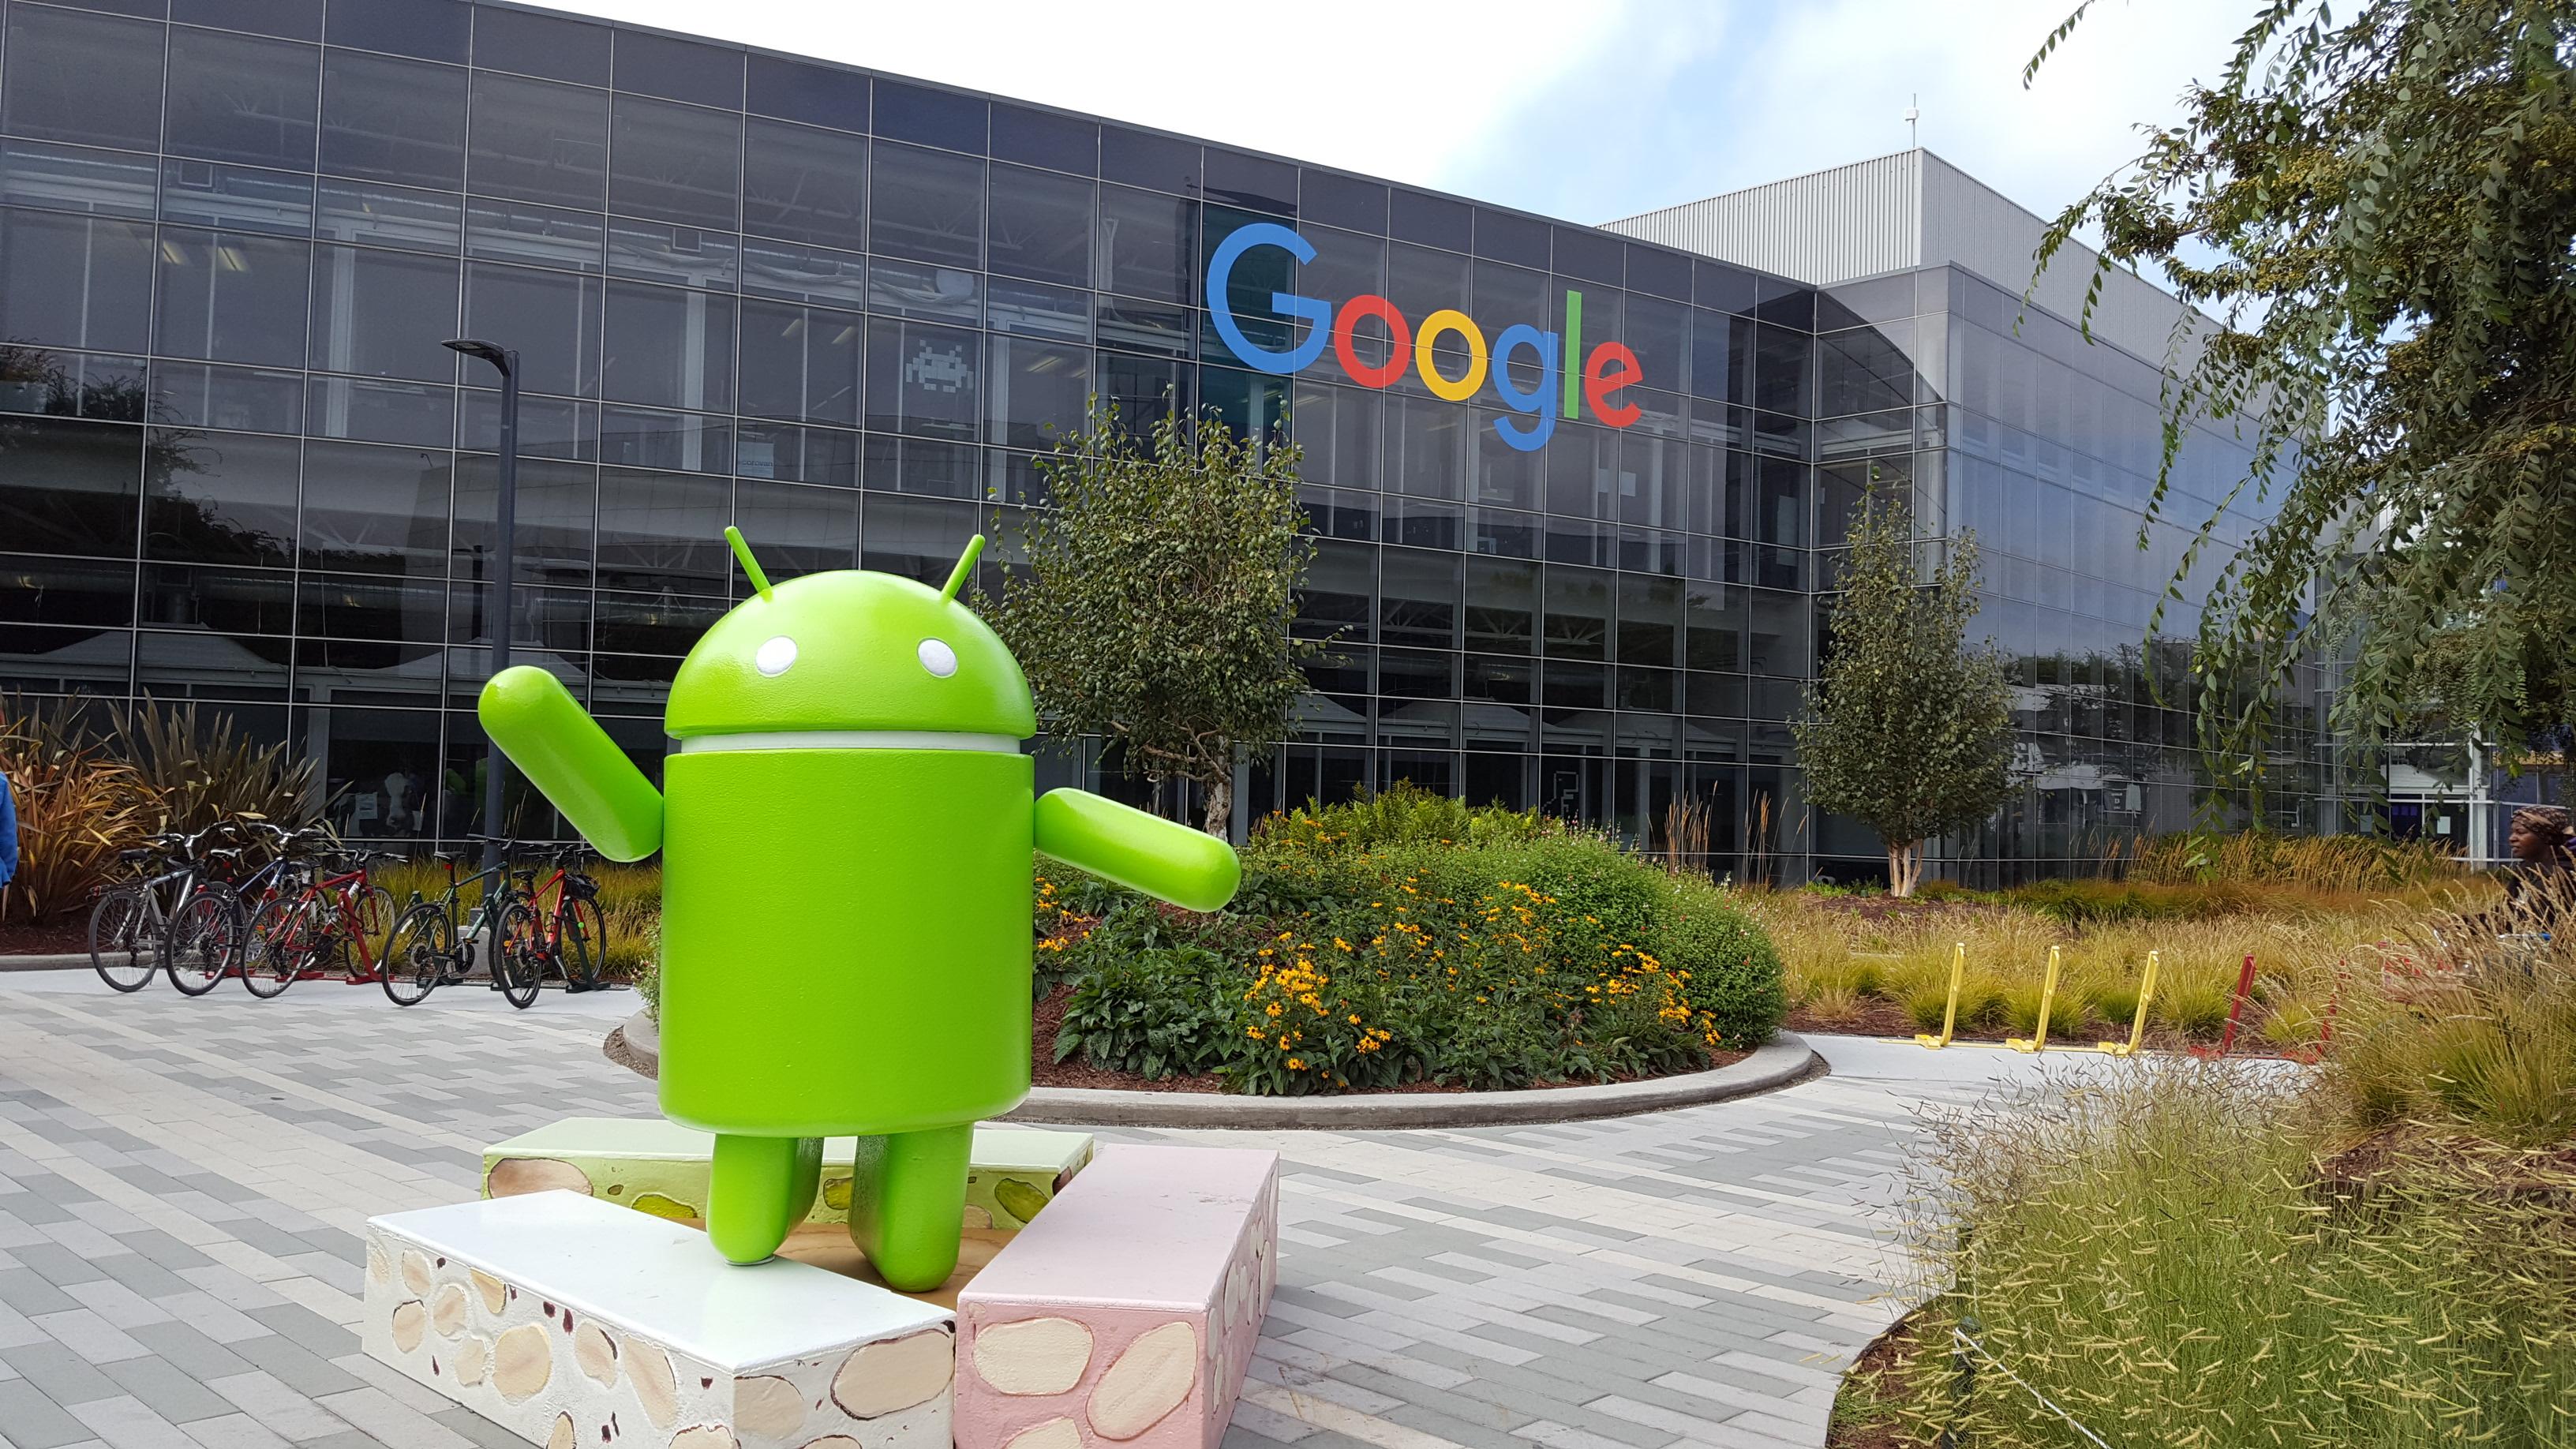 دکوراسیون شرکت گوگل و سبک کار در گوگل پلکس